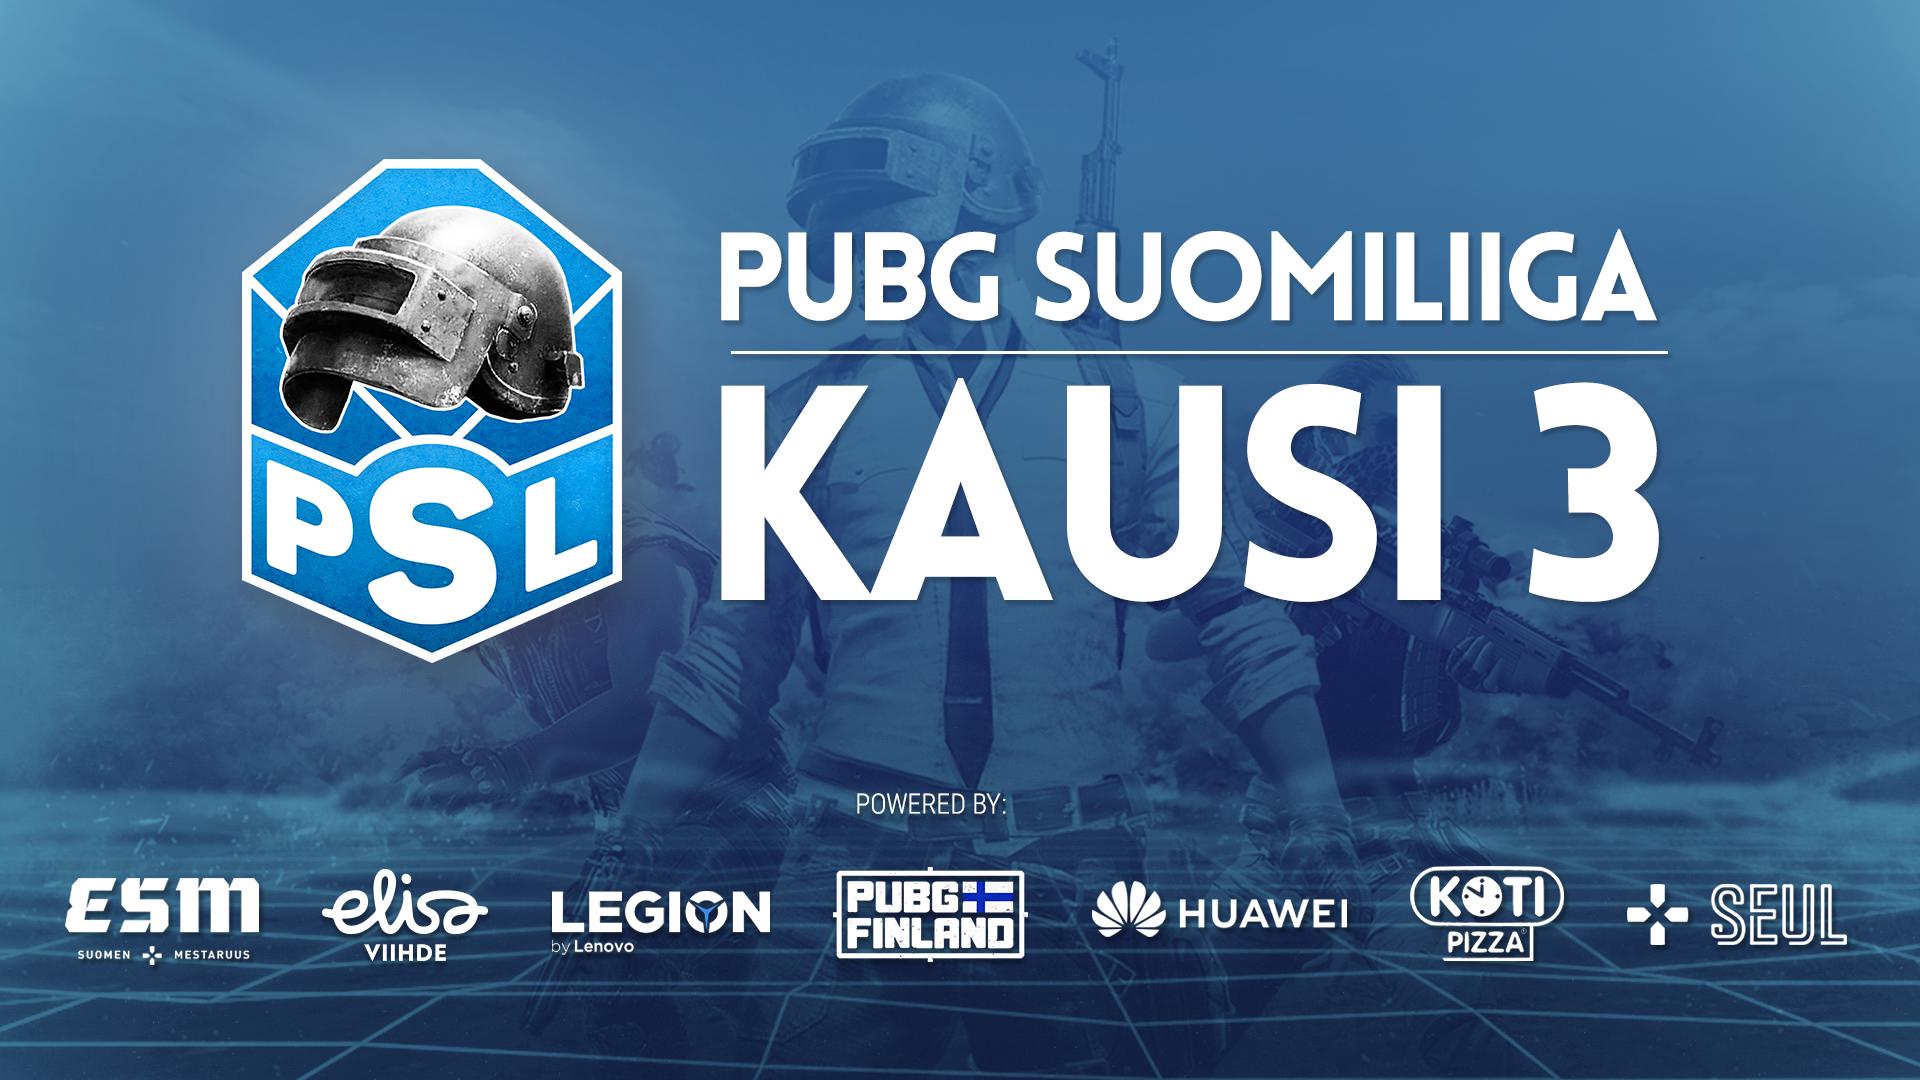 Taistelu PUBGin Suomen mestaruudesta alkaa tällä viikolla – Näin seuraat PUBG Suomiliigaa